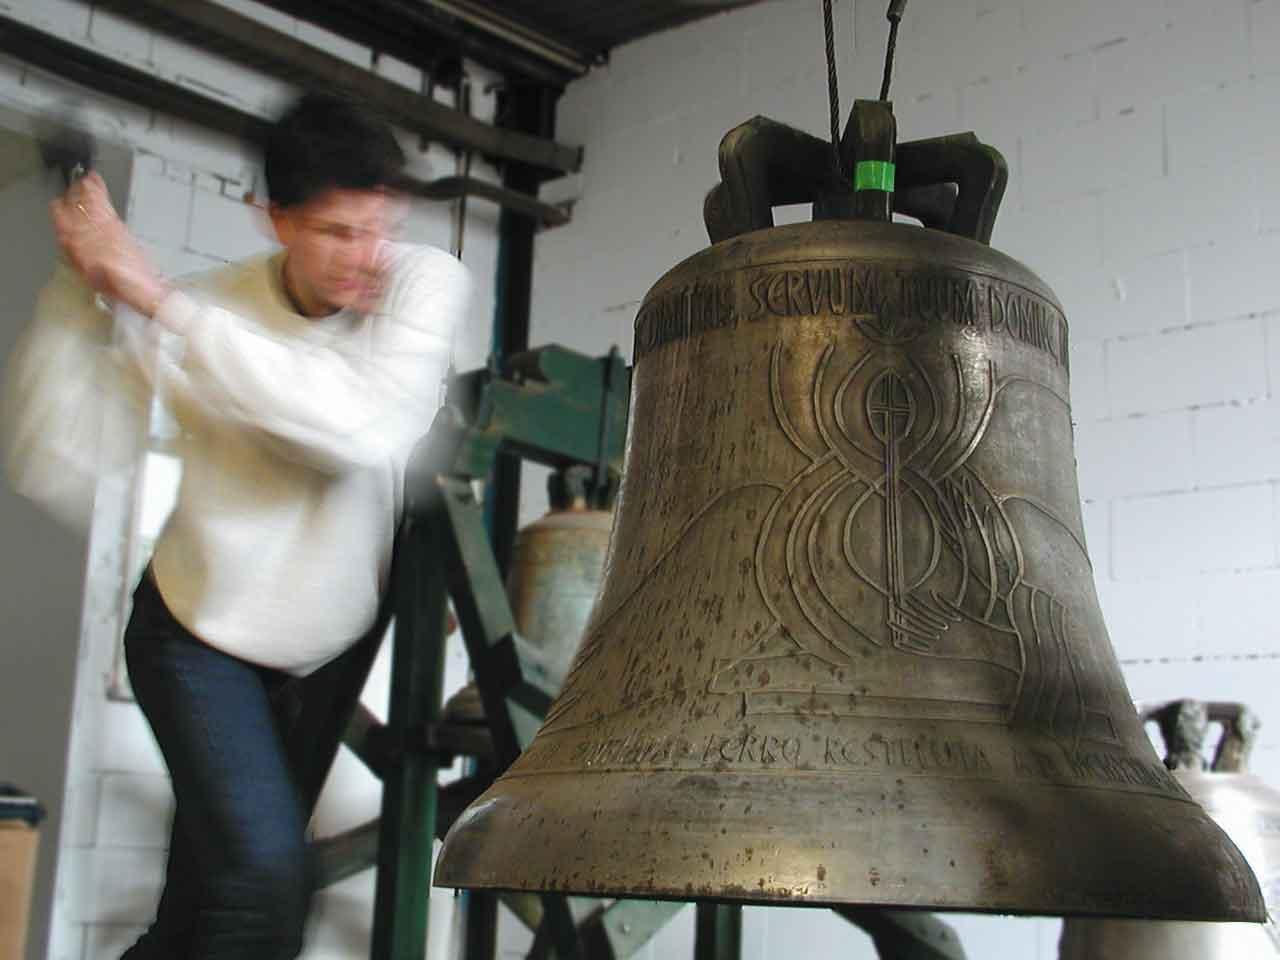 Glockentage2004